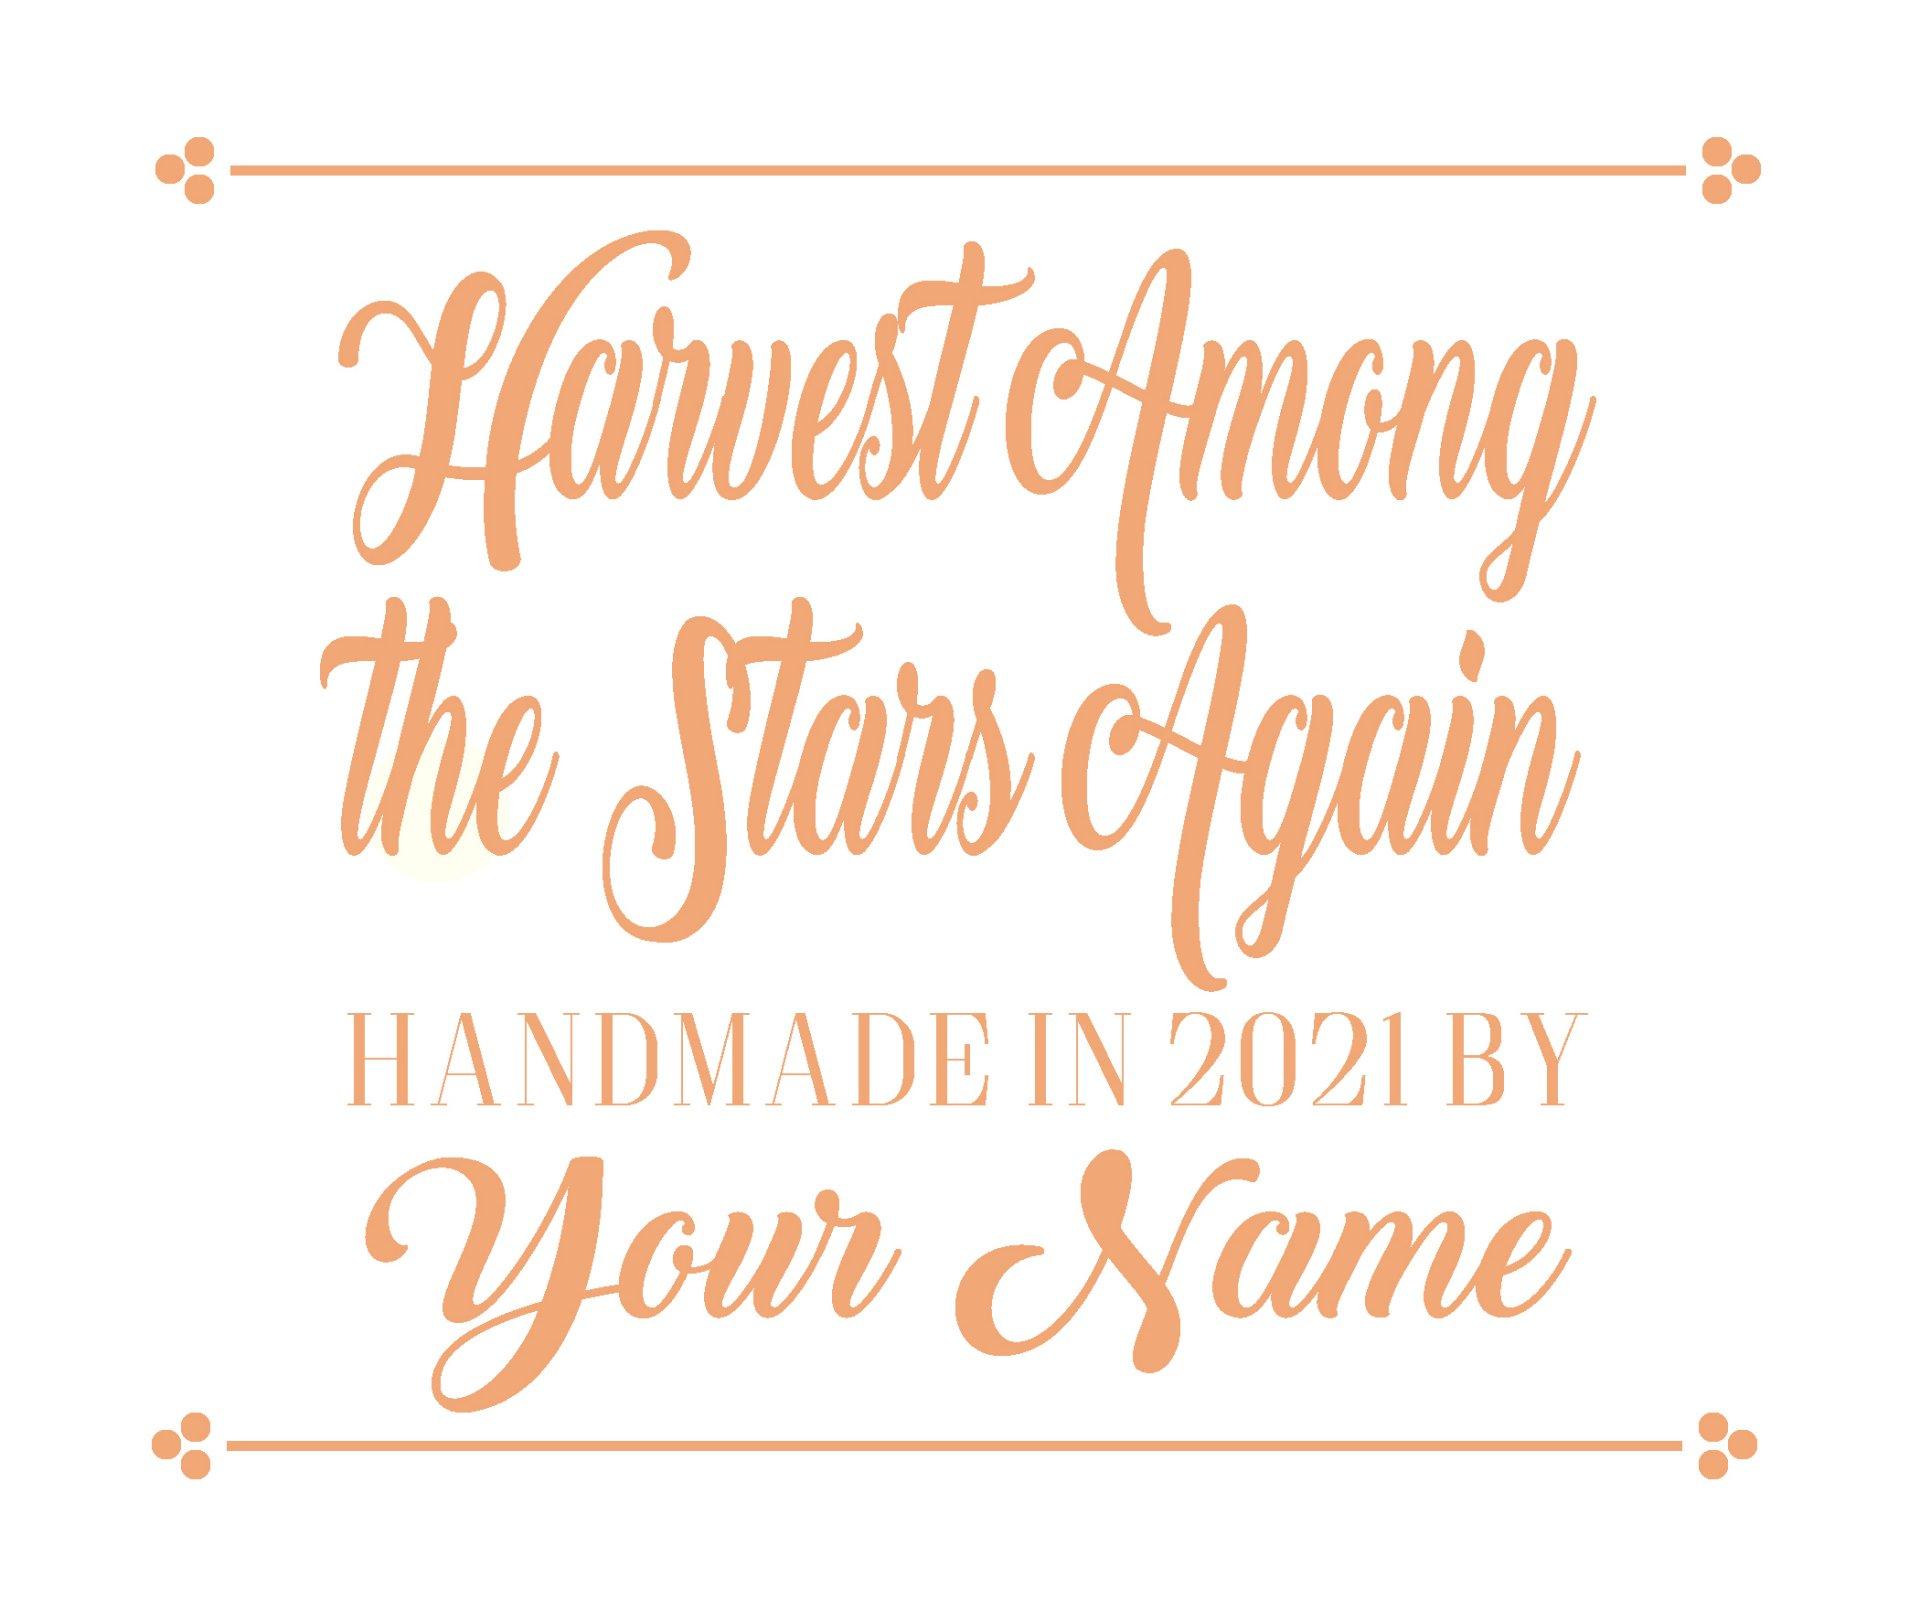 Harvest Among the Star Custom Quilt Label